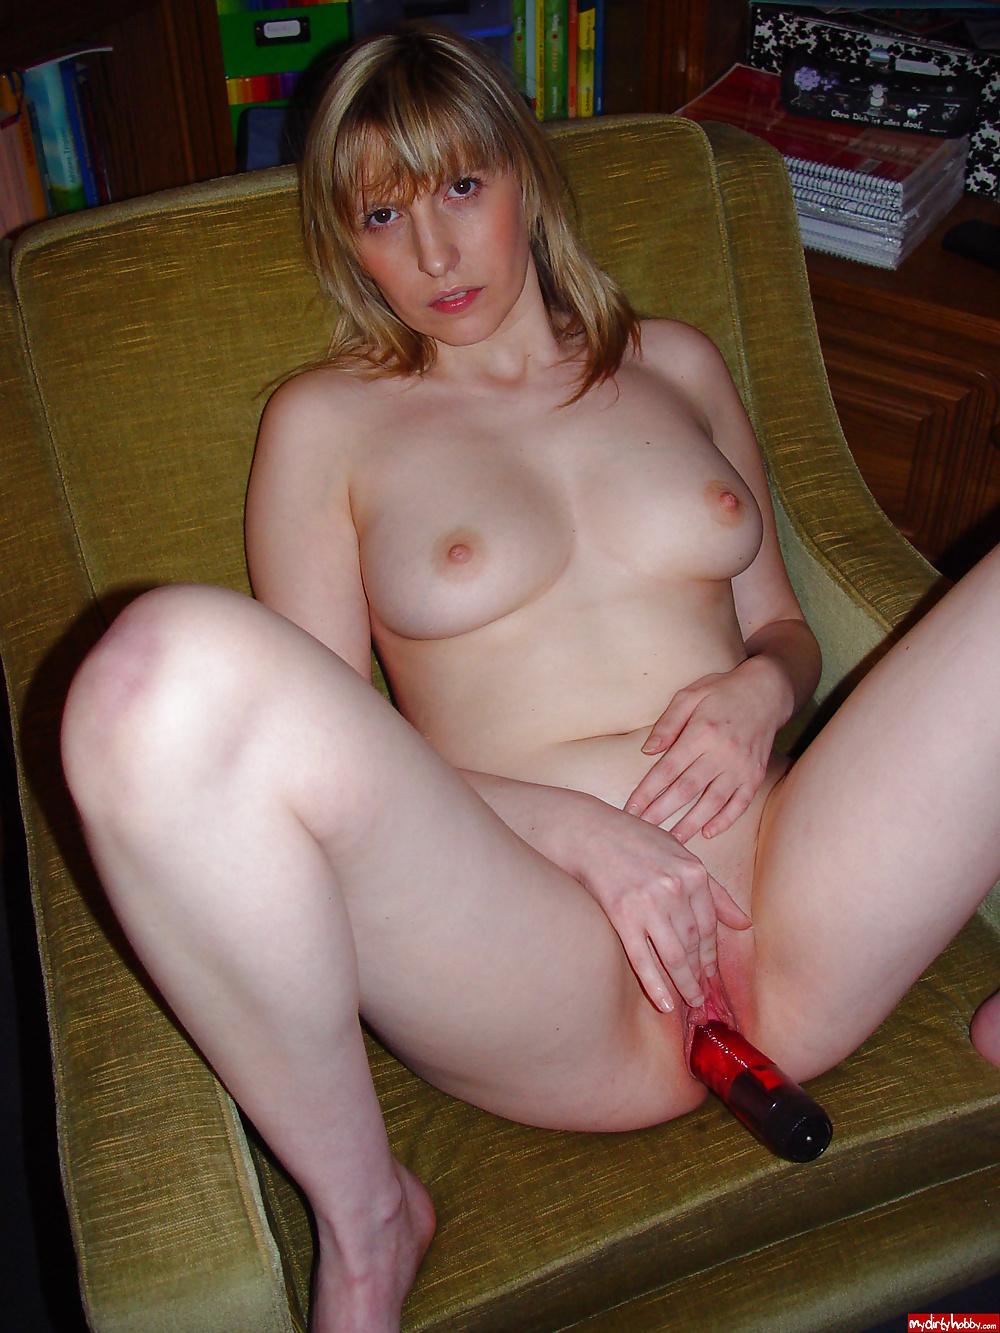 Dildo pussy pics amature — pic 2